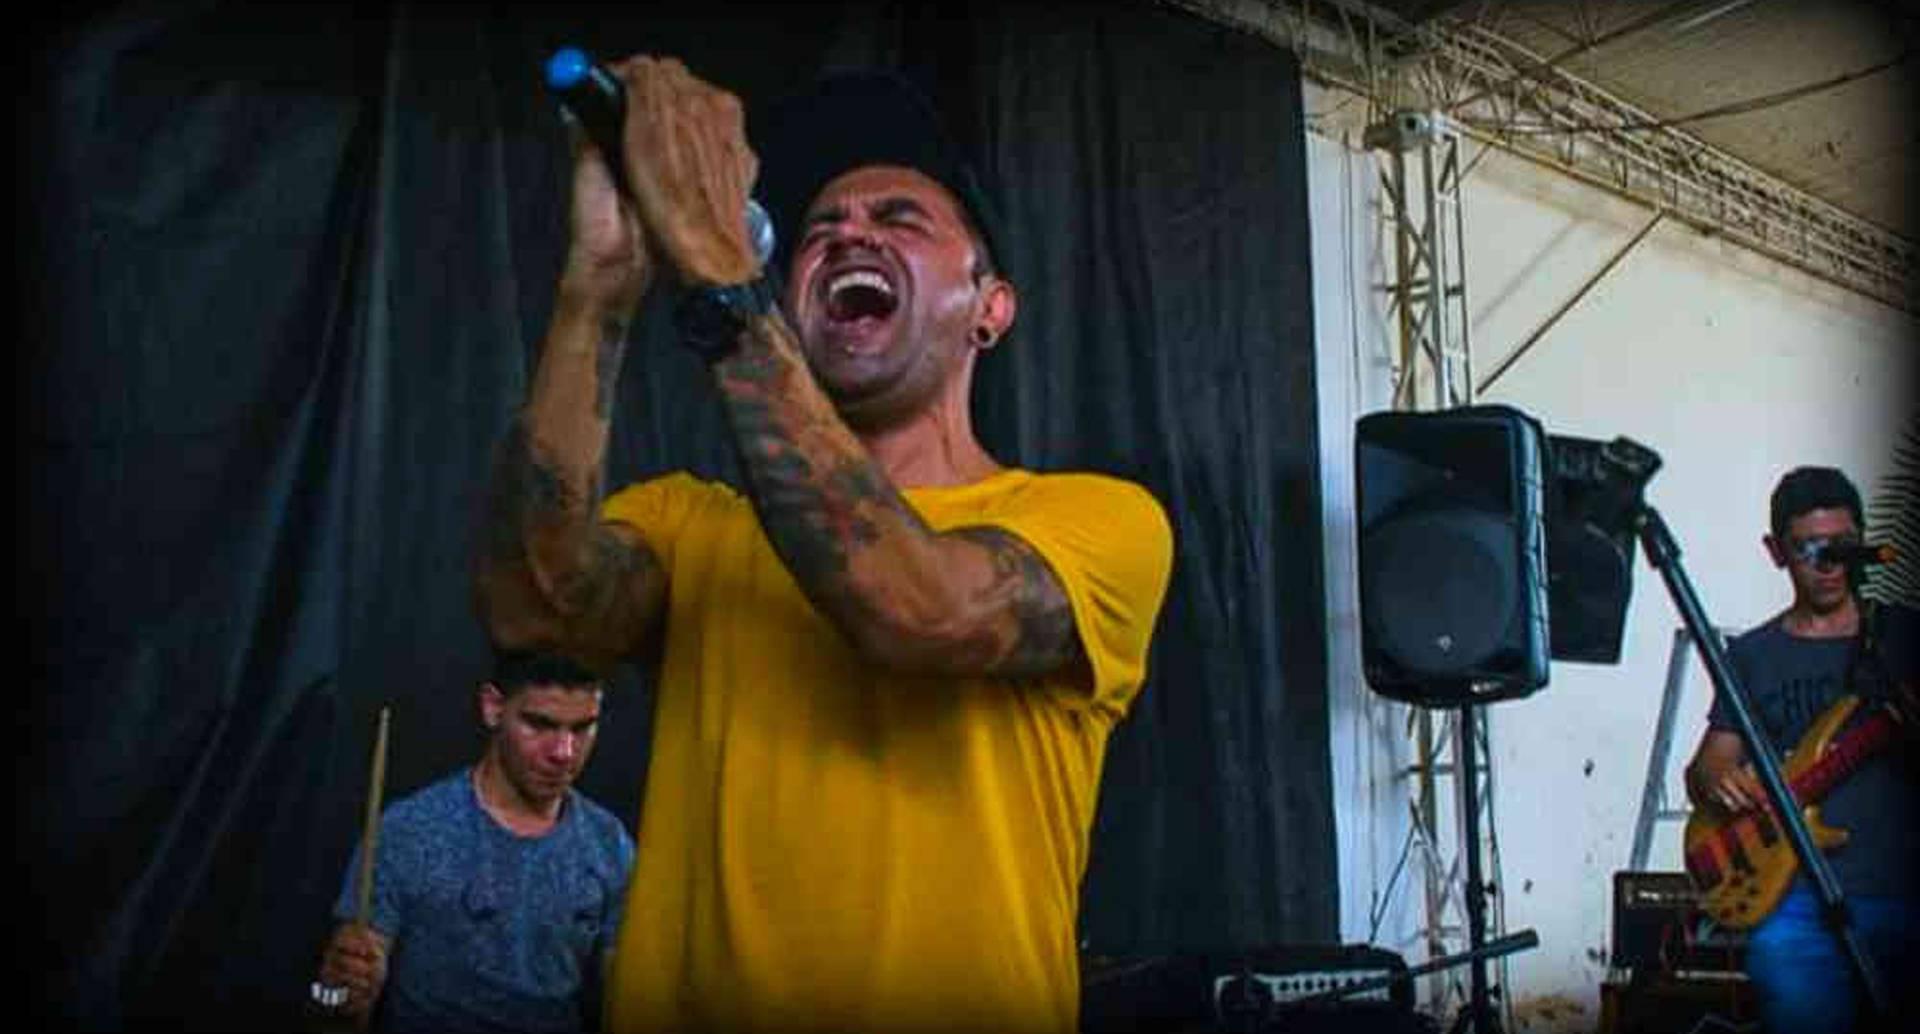 Fabián Castro, vocalista de la agrupación Dafne Marahuntha, cerró el Festival Chaparral Quiere Rock entre gritos y aplausos de sus seguidores.